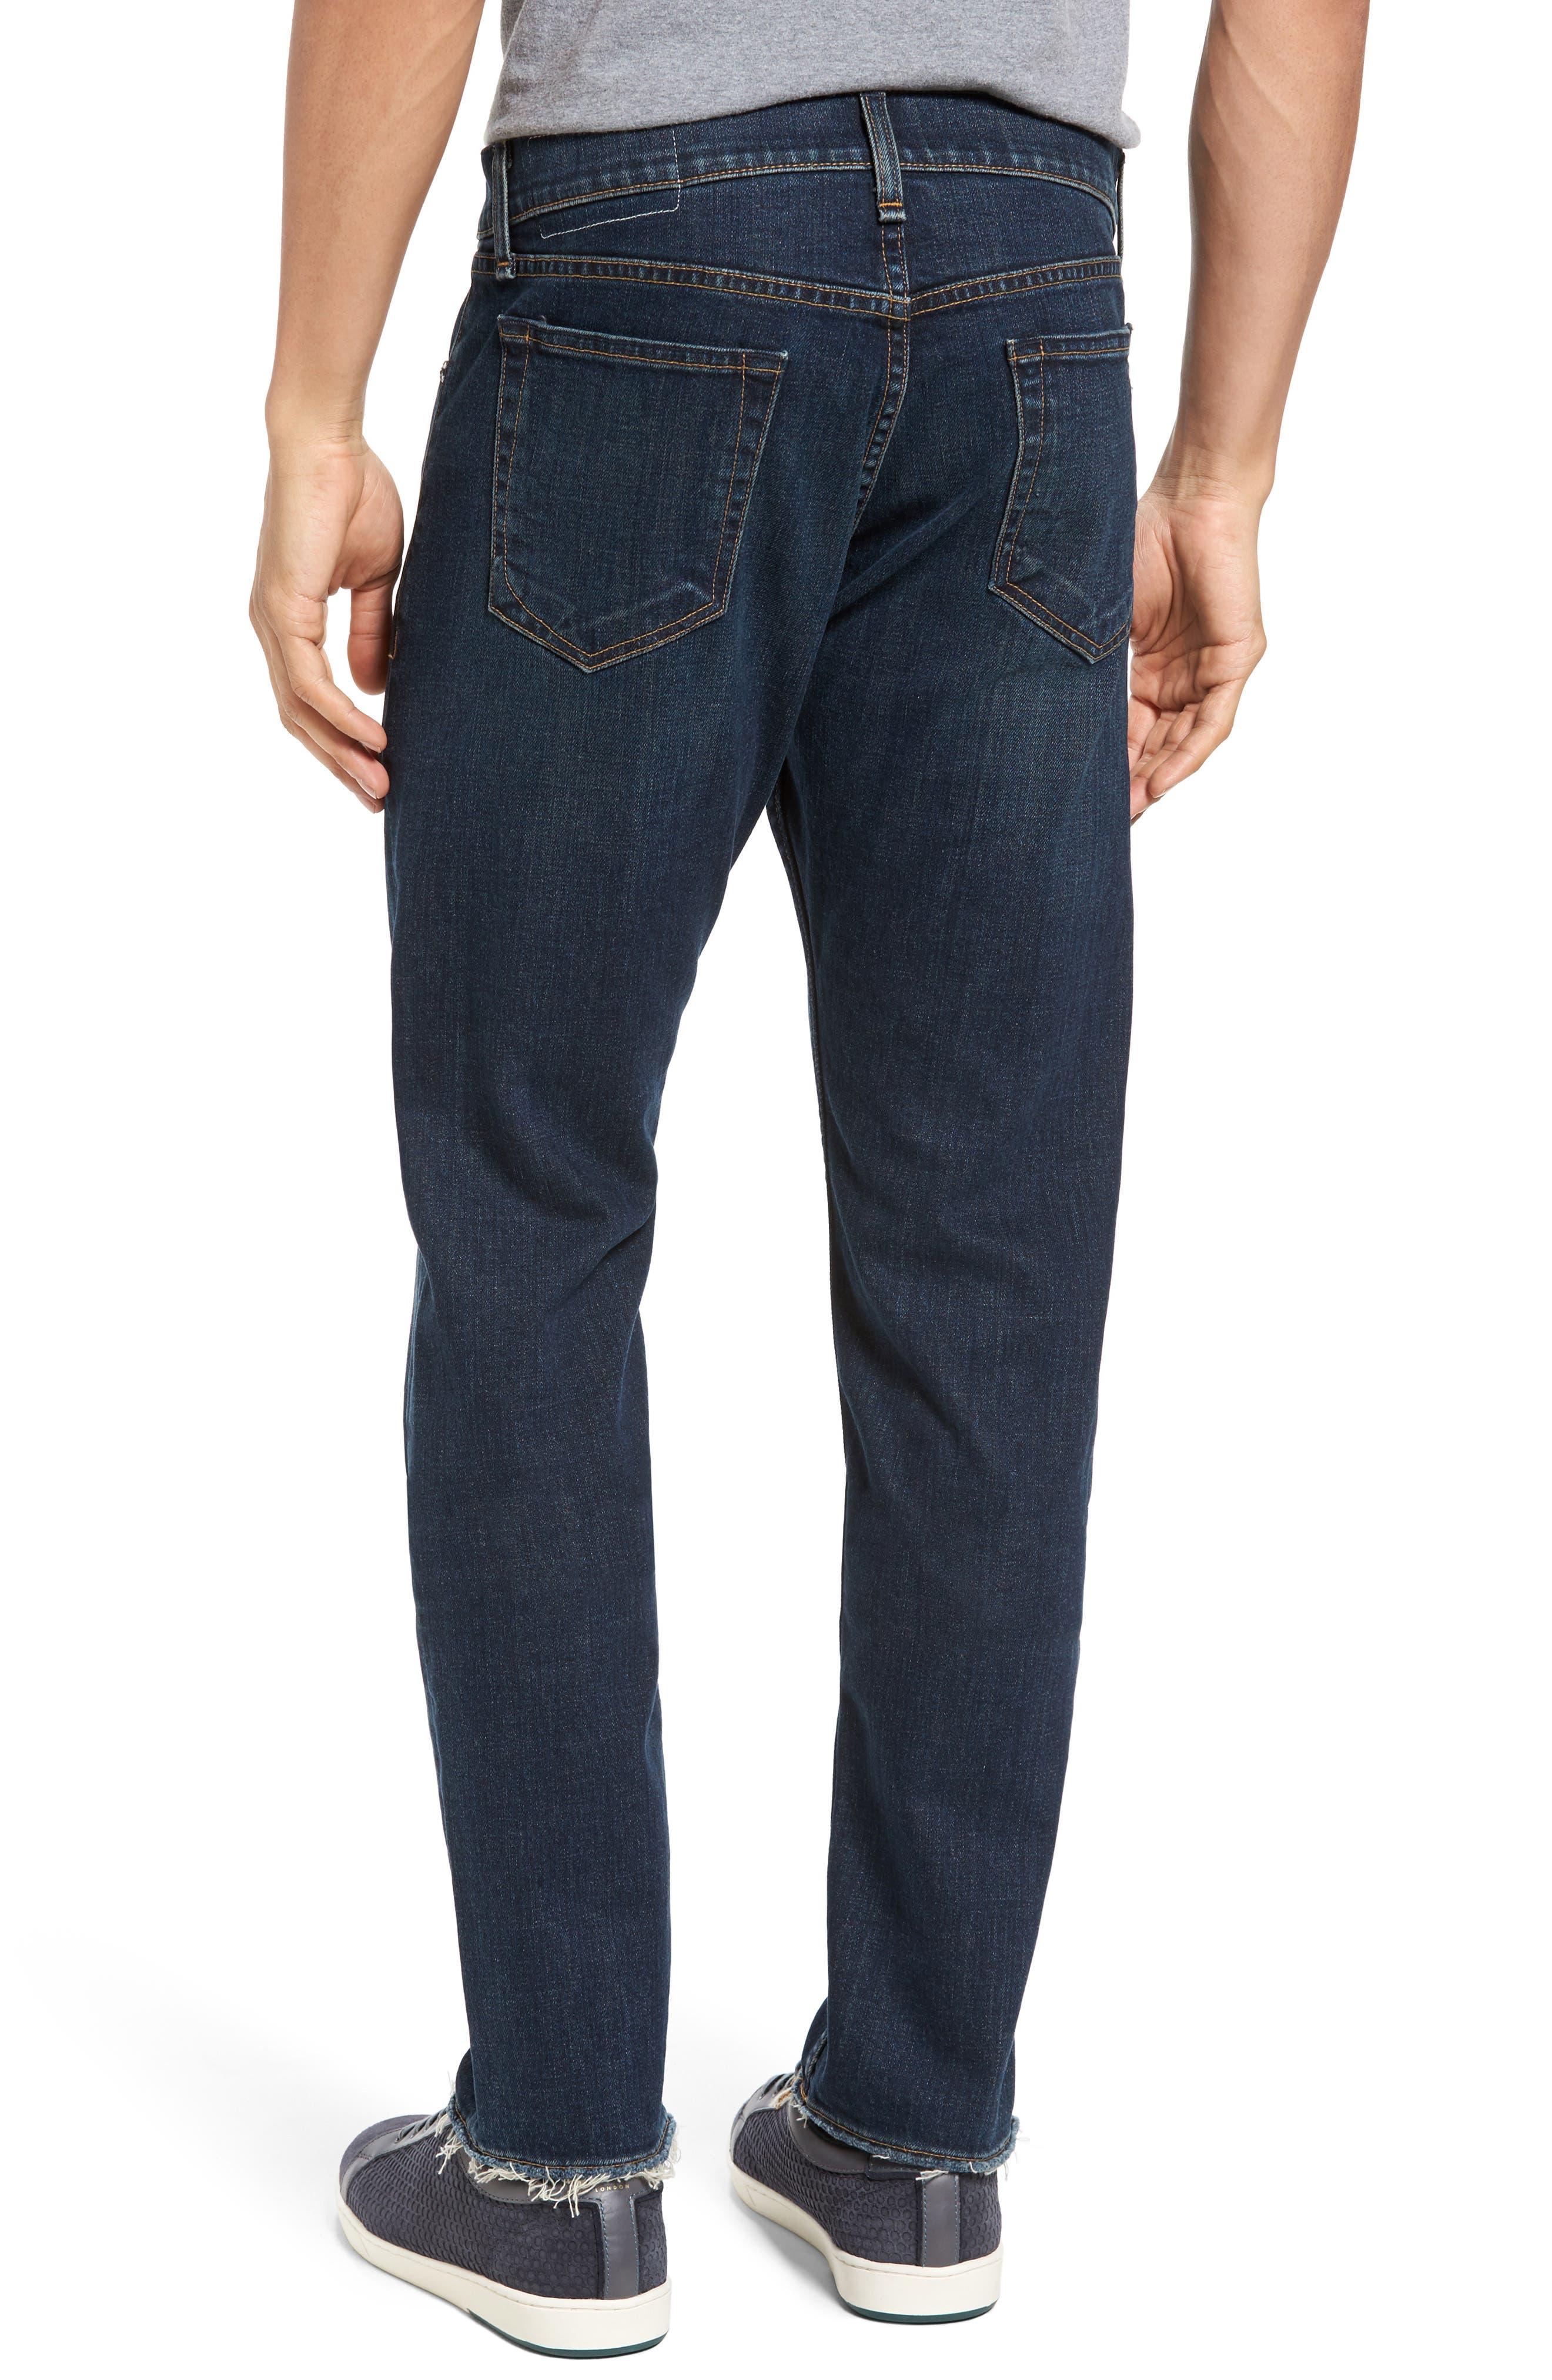 Fit 2 Slim Fit Jeans,                             Alternate thumbnail 2, color,